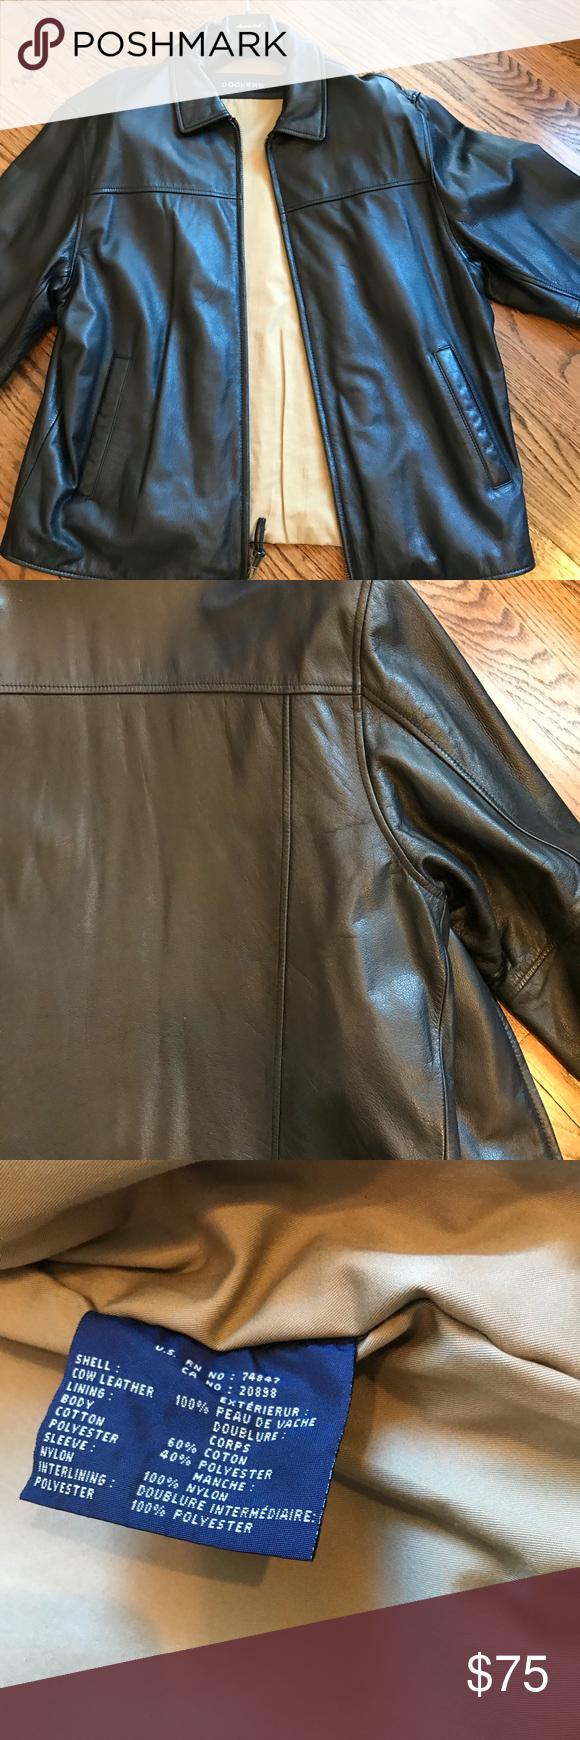 Dockers men's leather jacket large Leather jacket